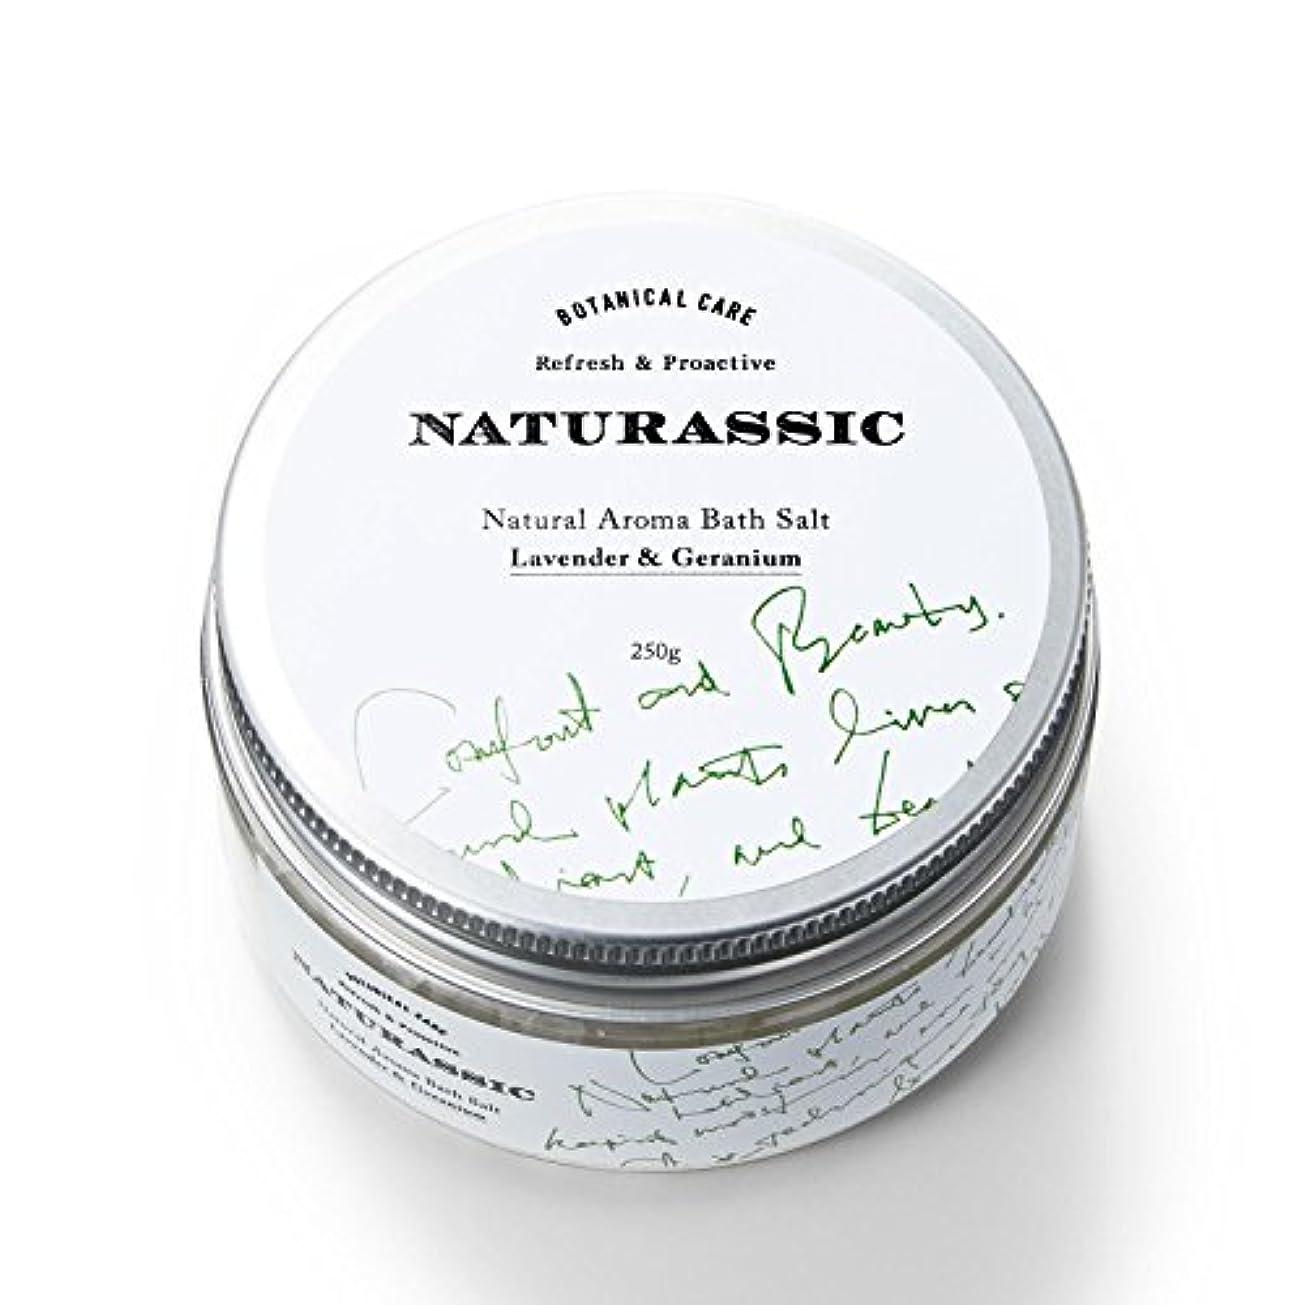 タンパク質ブロックする兵器庫ナチュラシック ナチュラルアロマバスソルトLG ラベンダー&ゼラニウムの香り 250g [天然由来成分100%]